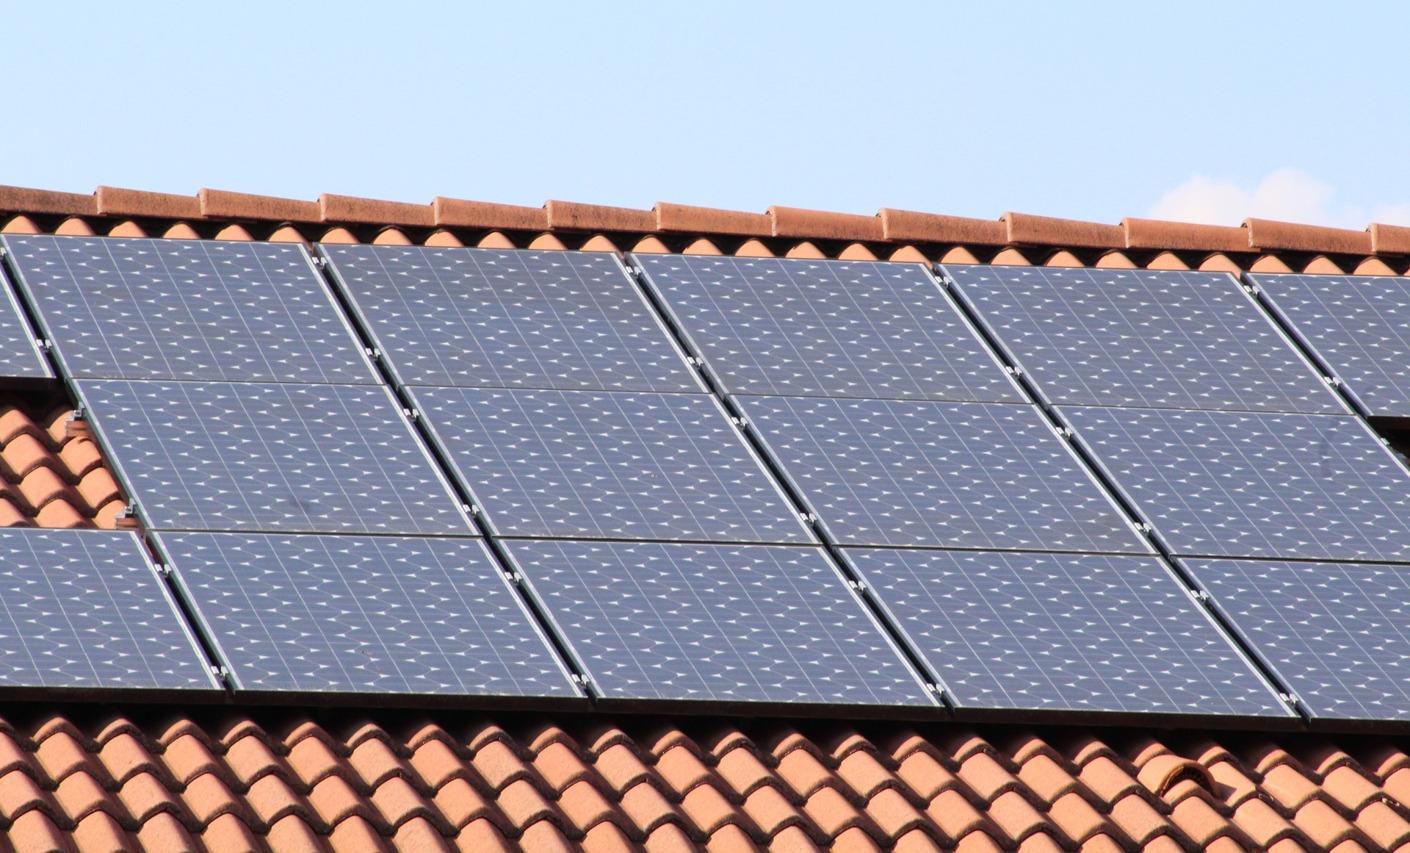 Consument wacht niet op nieuwe premie om zonnepanelen te installeren